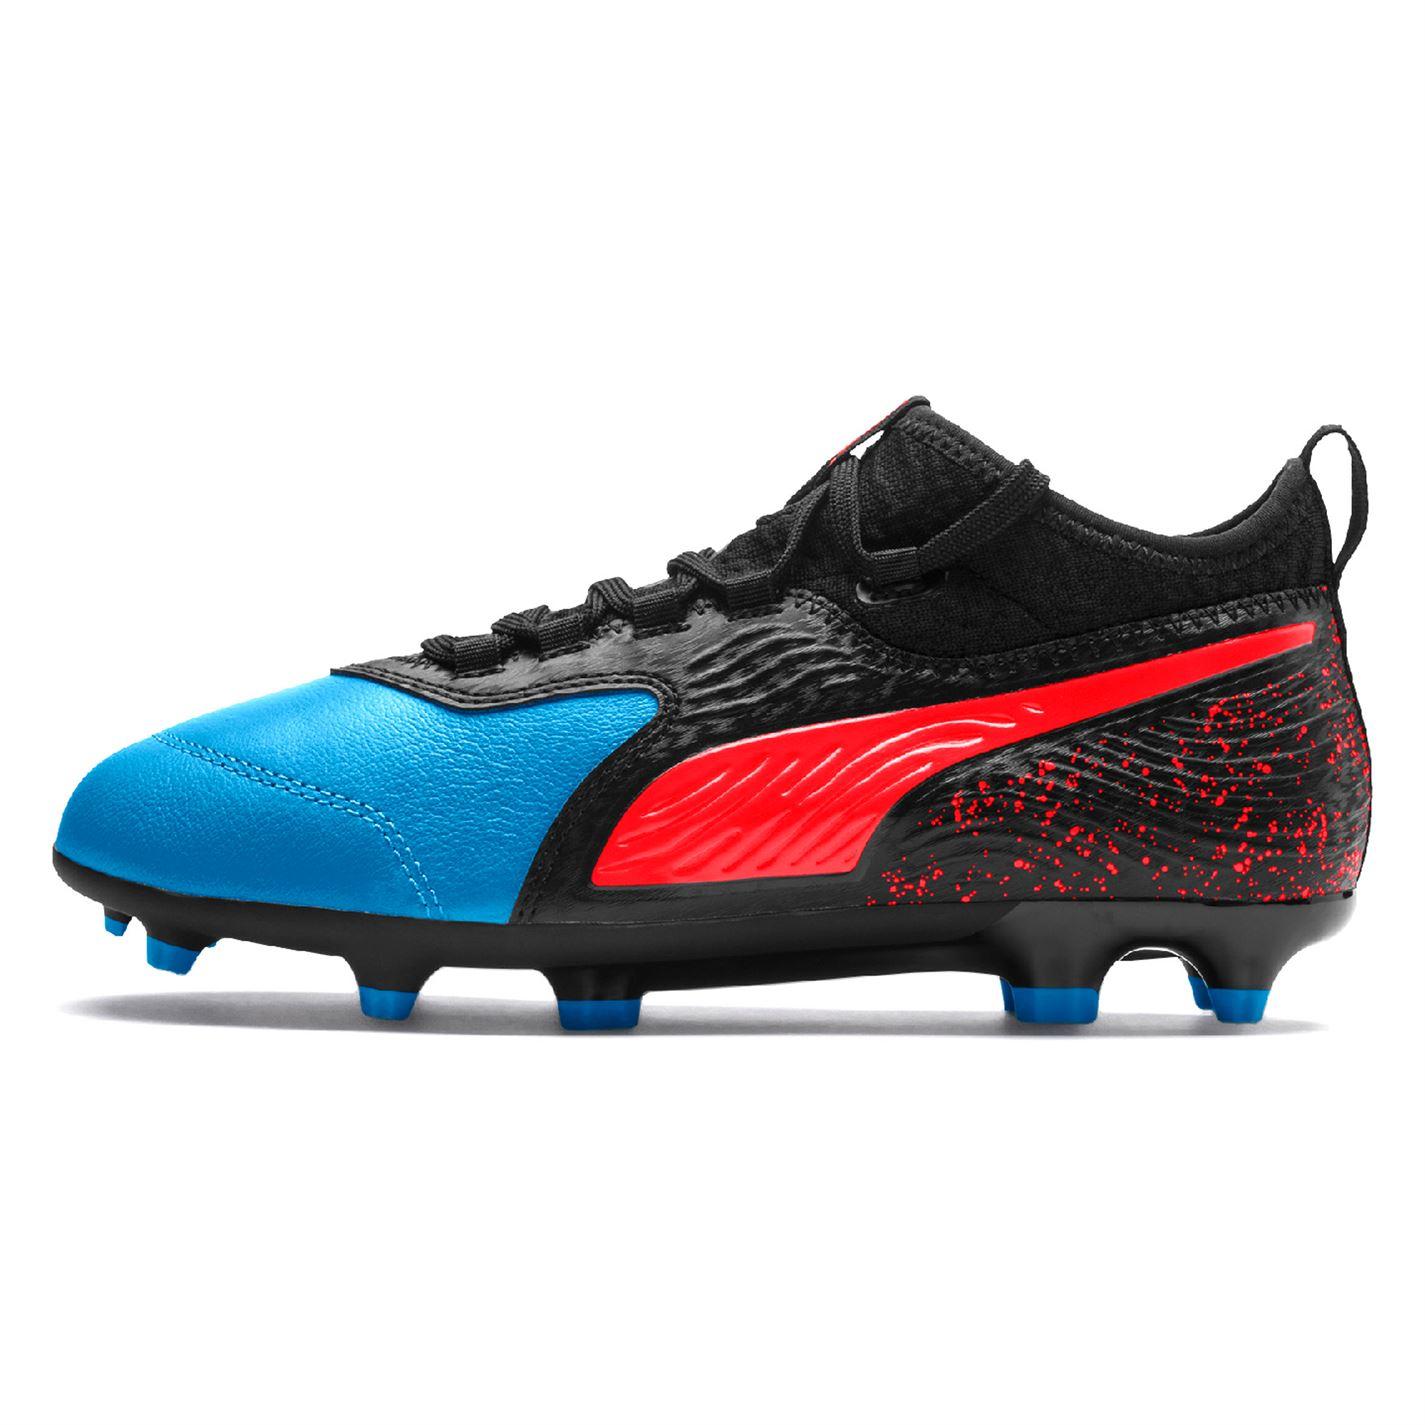 Futbalové kopačky Puma One 19.3 Junior FG Football Boots - Glami.sk c2d4315e7e9